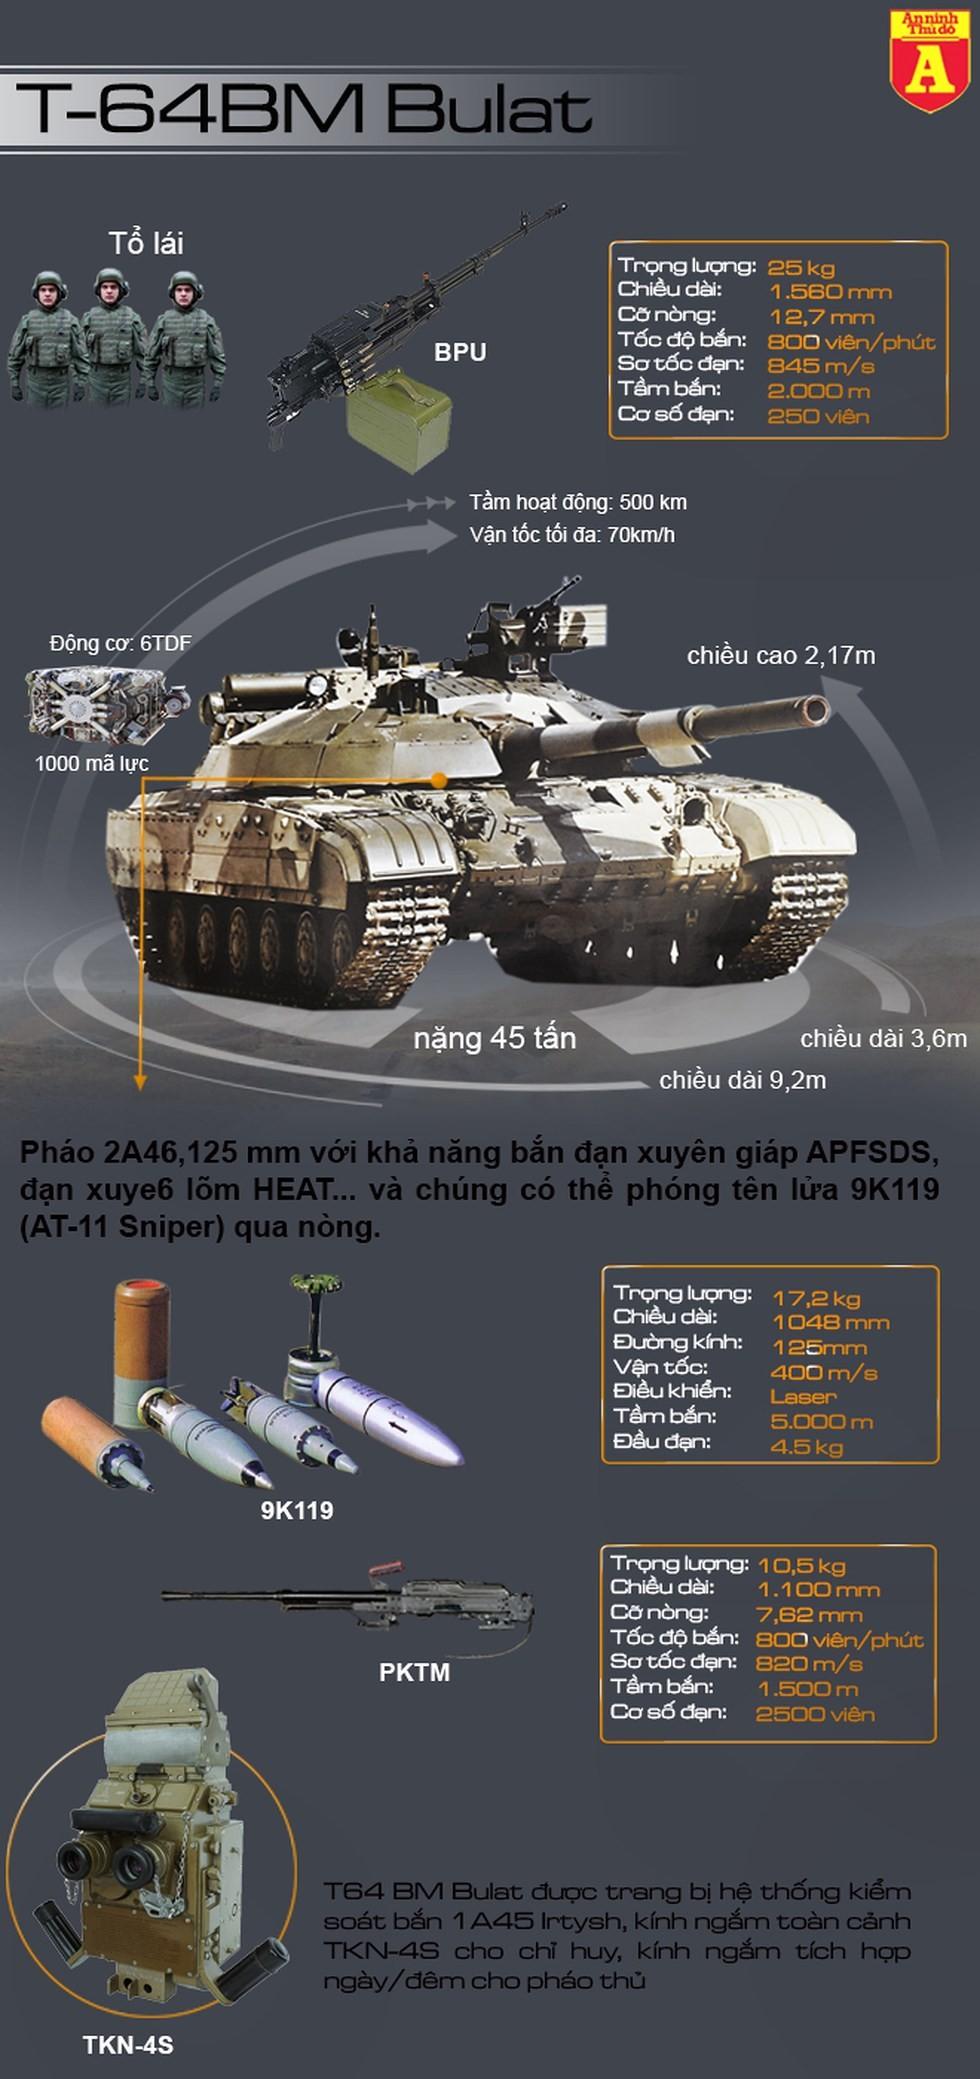 """[Info] Ukraine đưa """"hung thần"""" T-64 Bulat tới, chiến trường miền Đông sẽ bùng phát dữ dội ảnh 2"""